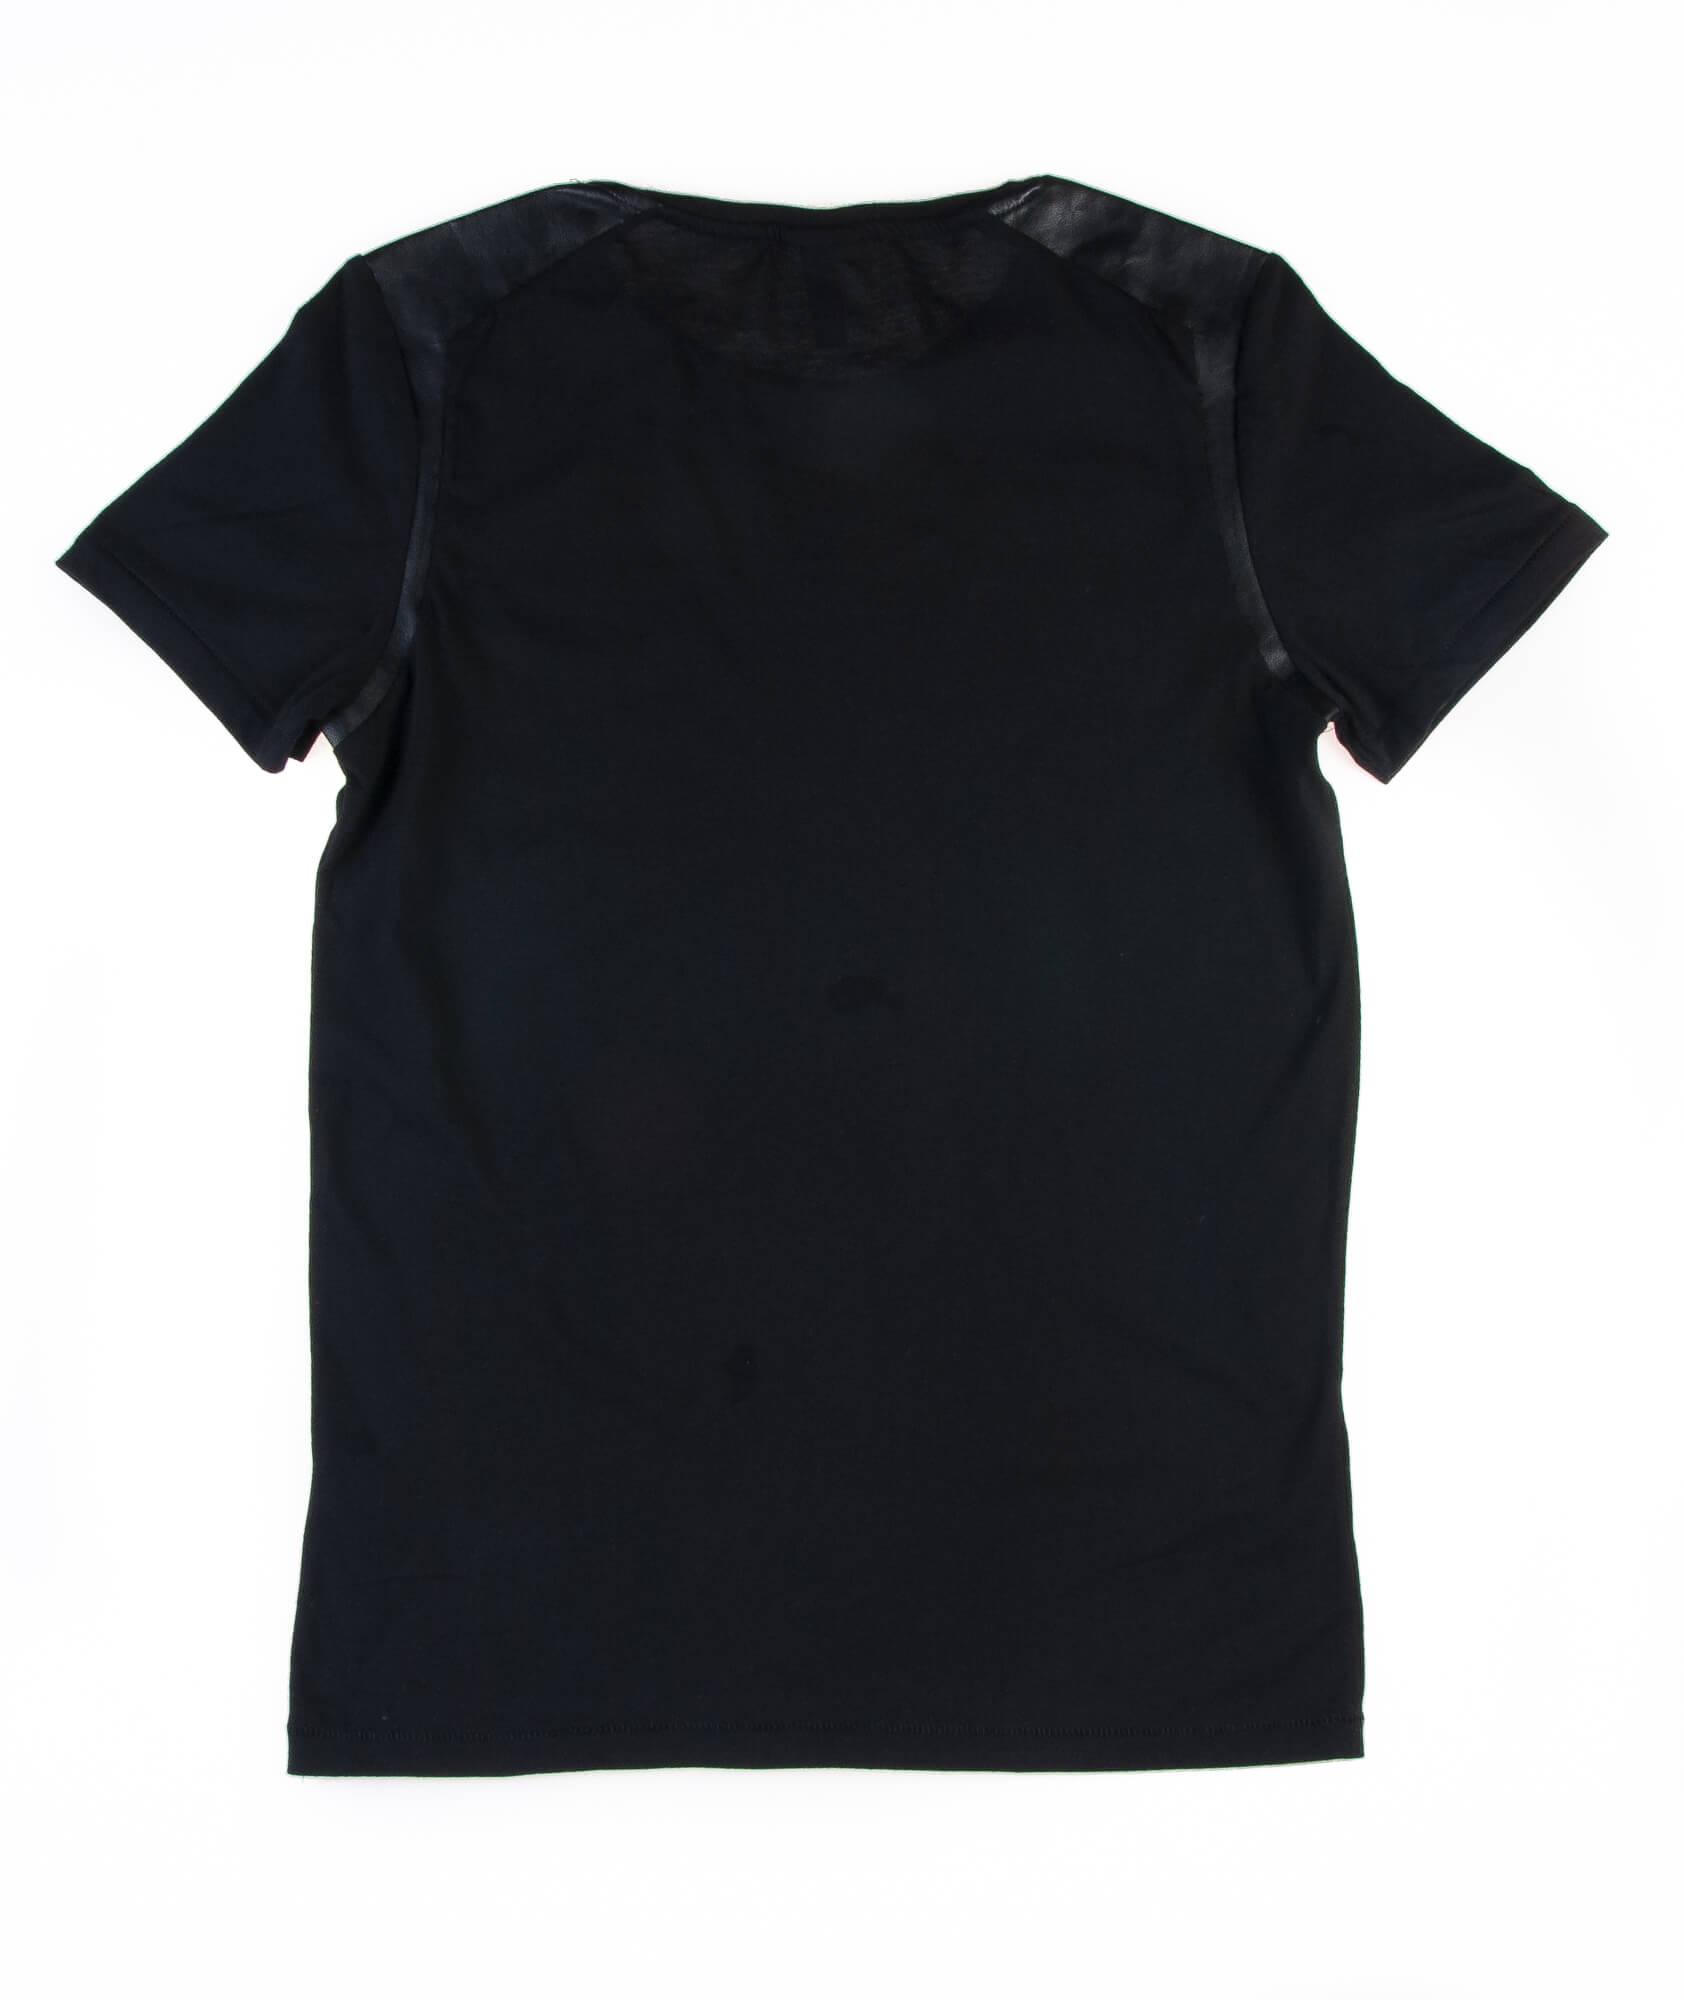 تی شرت مردانه برند S1034 FREE